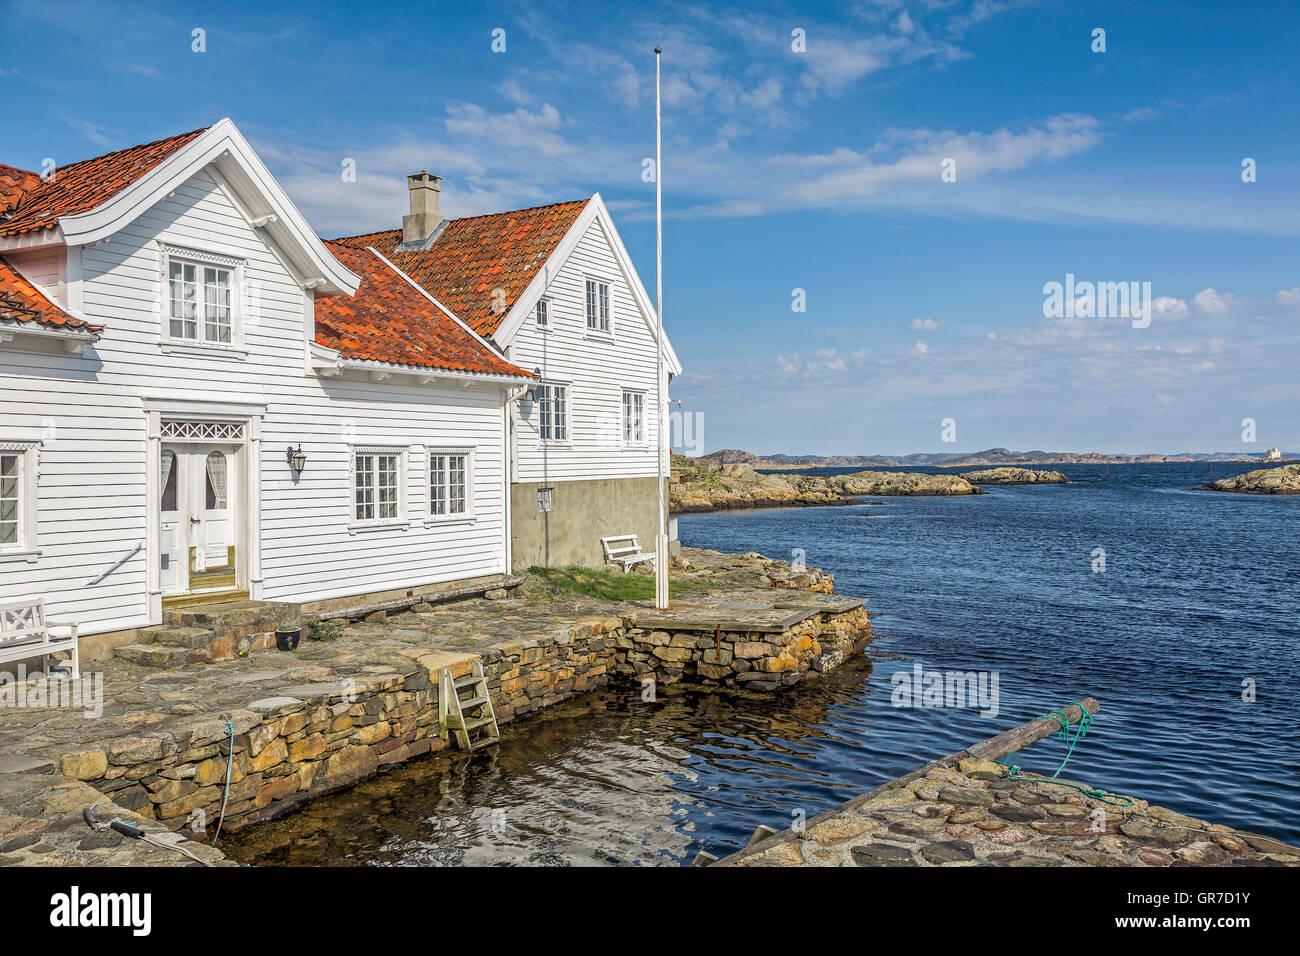 Der Kleine Idyllische Ort Mit Seinen Weissen Holzhäusern Ist Immer Einen Besuch Wert - Stock Image